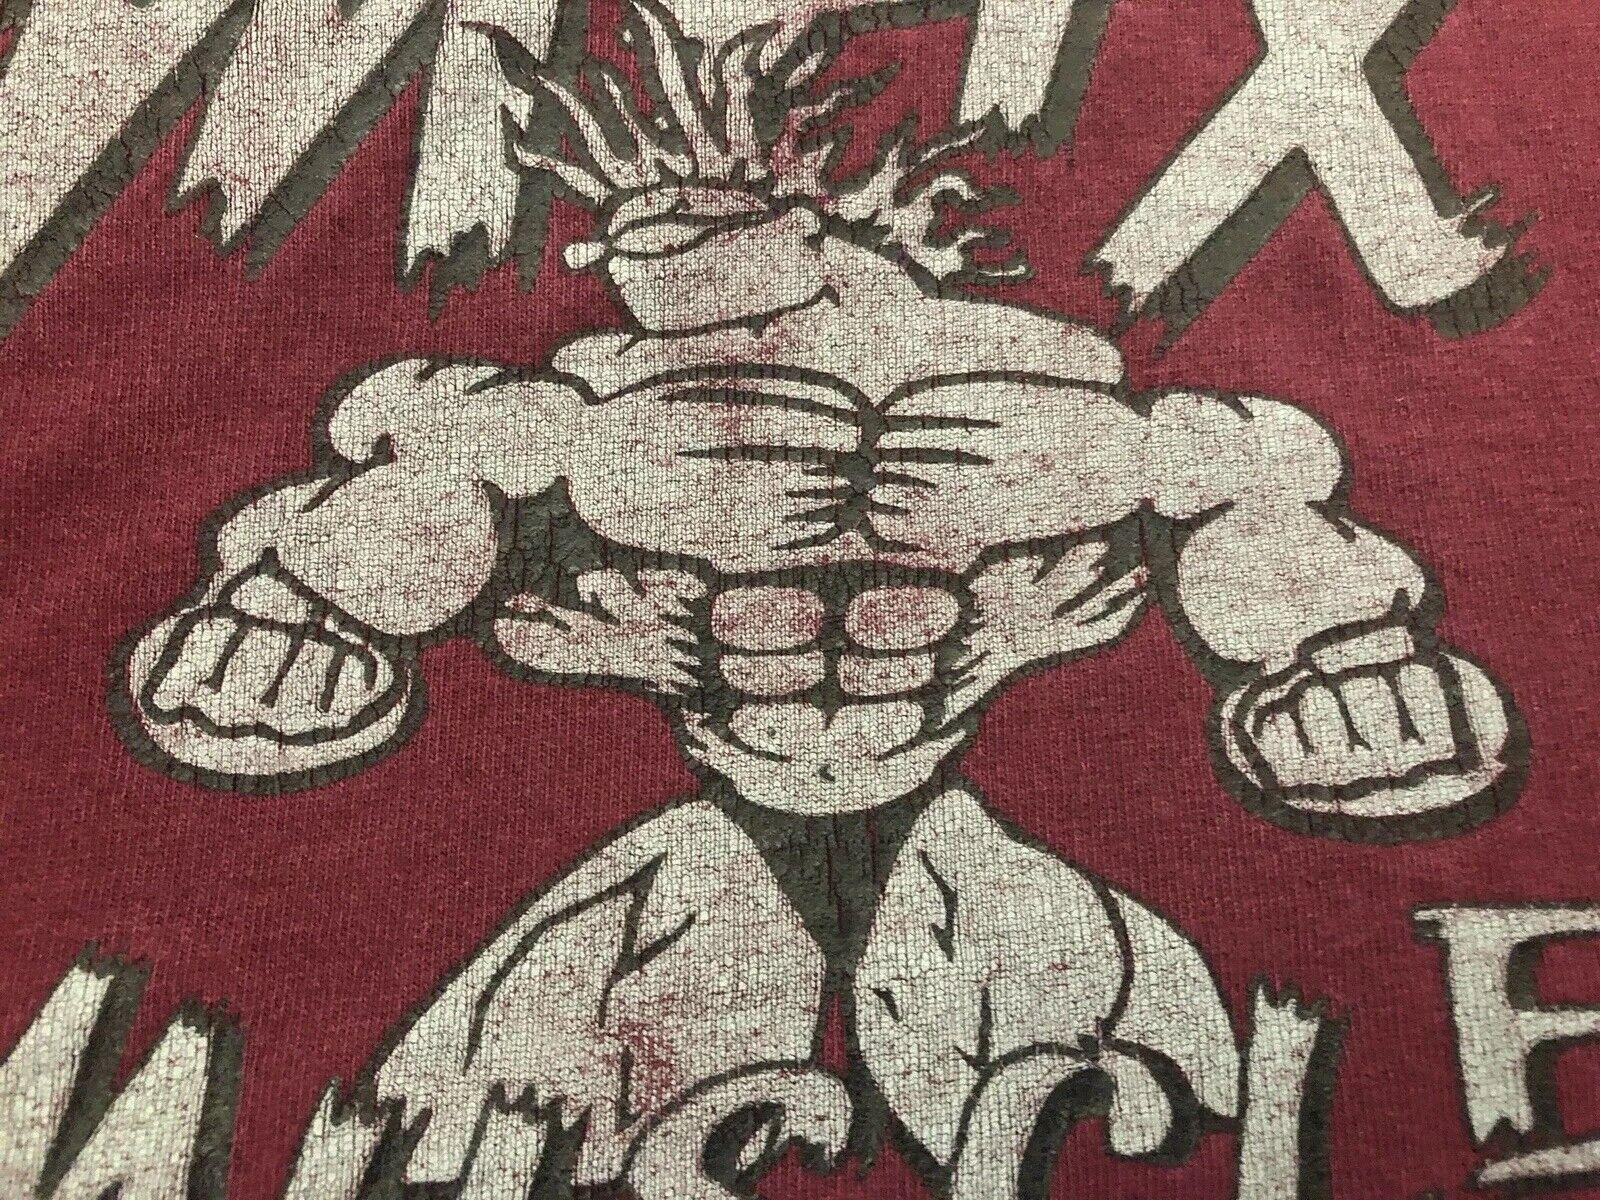 VTG.1995 MAX MUSCLE GYM BODYBUILDING männer's  Made In USA schweißhemd XL Fits 4XL